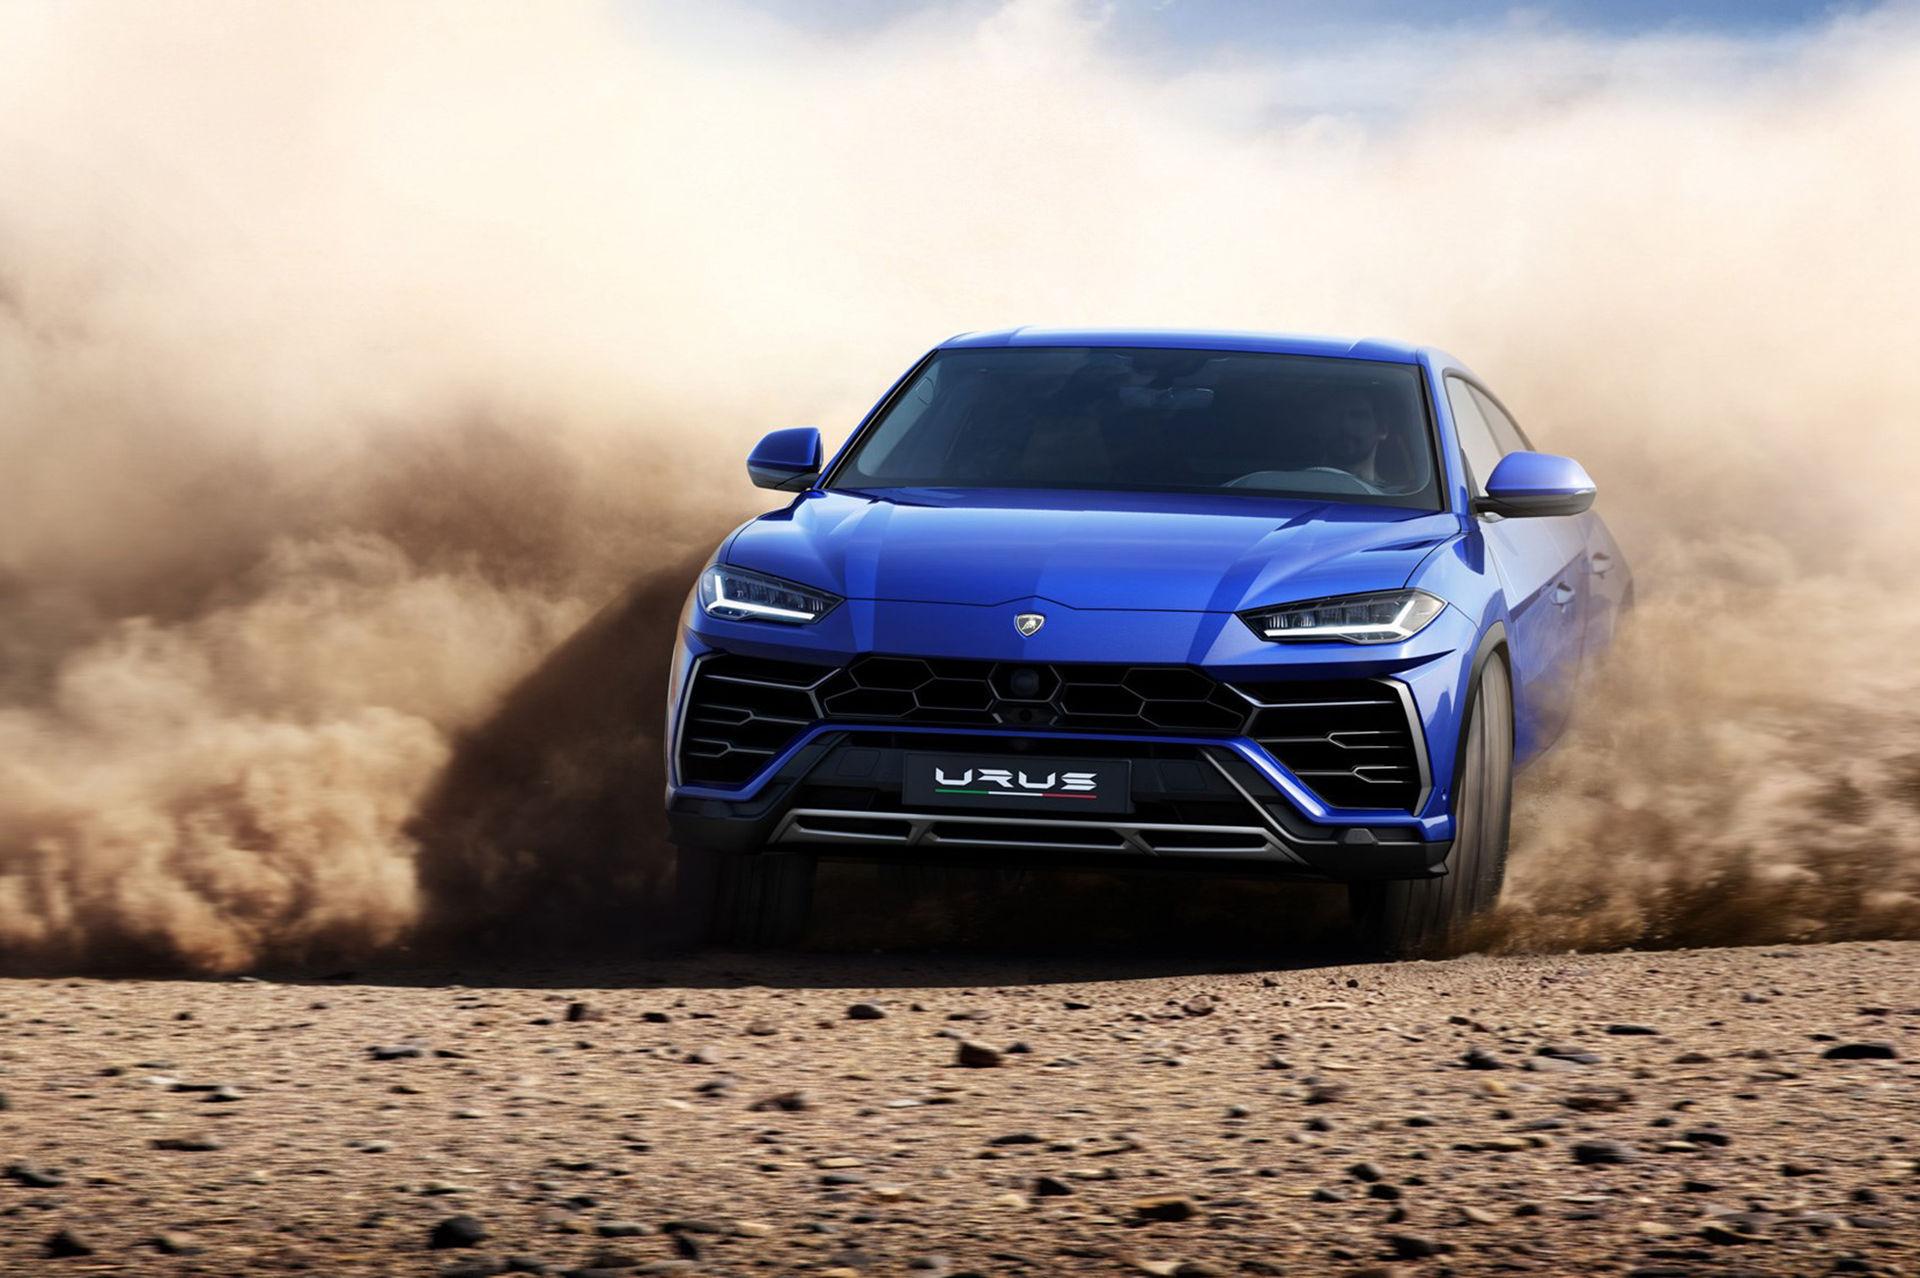 Laddhybrid-version av Lamborghini Urus kommer nästa år